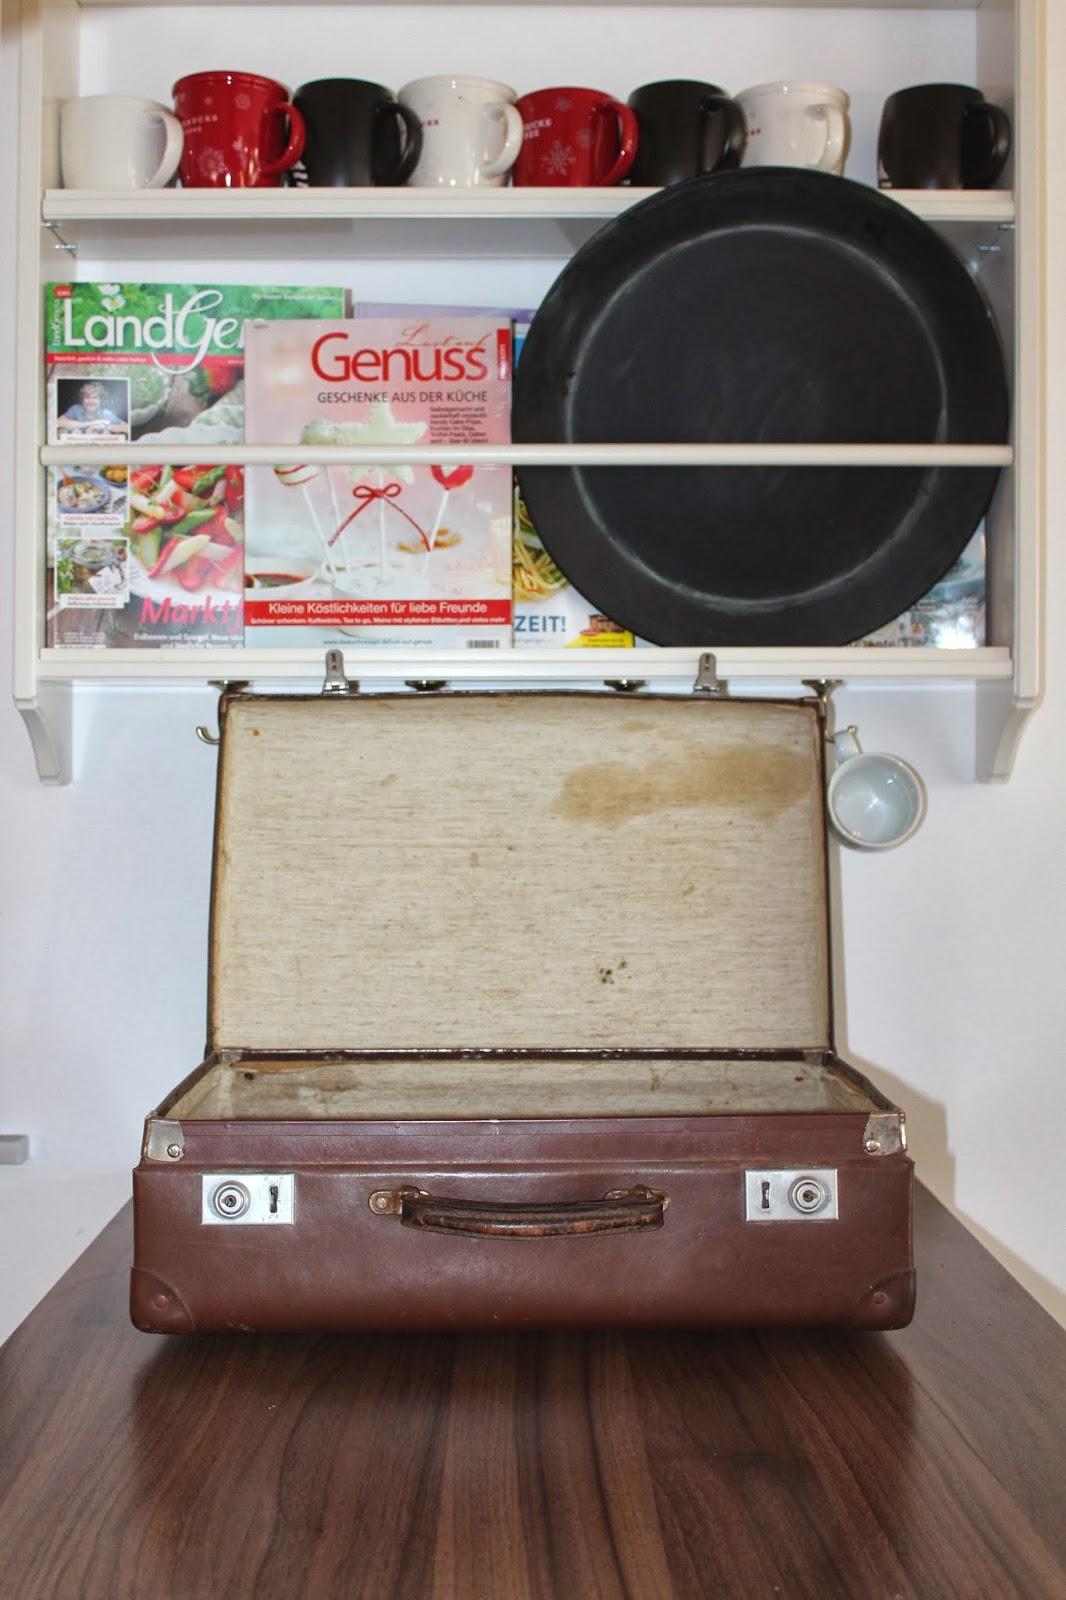 drachenbabies diy s chtige und adventskalender vorbereitungen. Black Bedroom Furniture Sets. Home Design Ideas